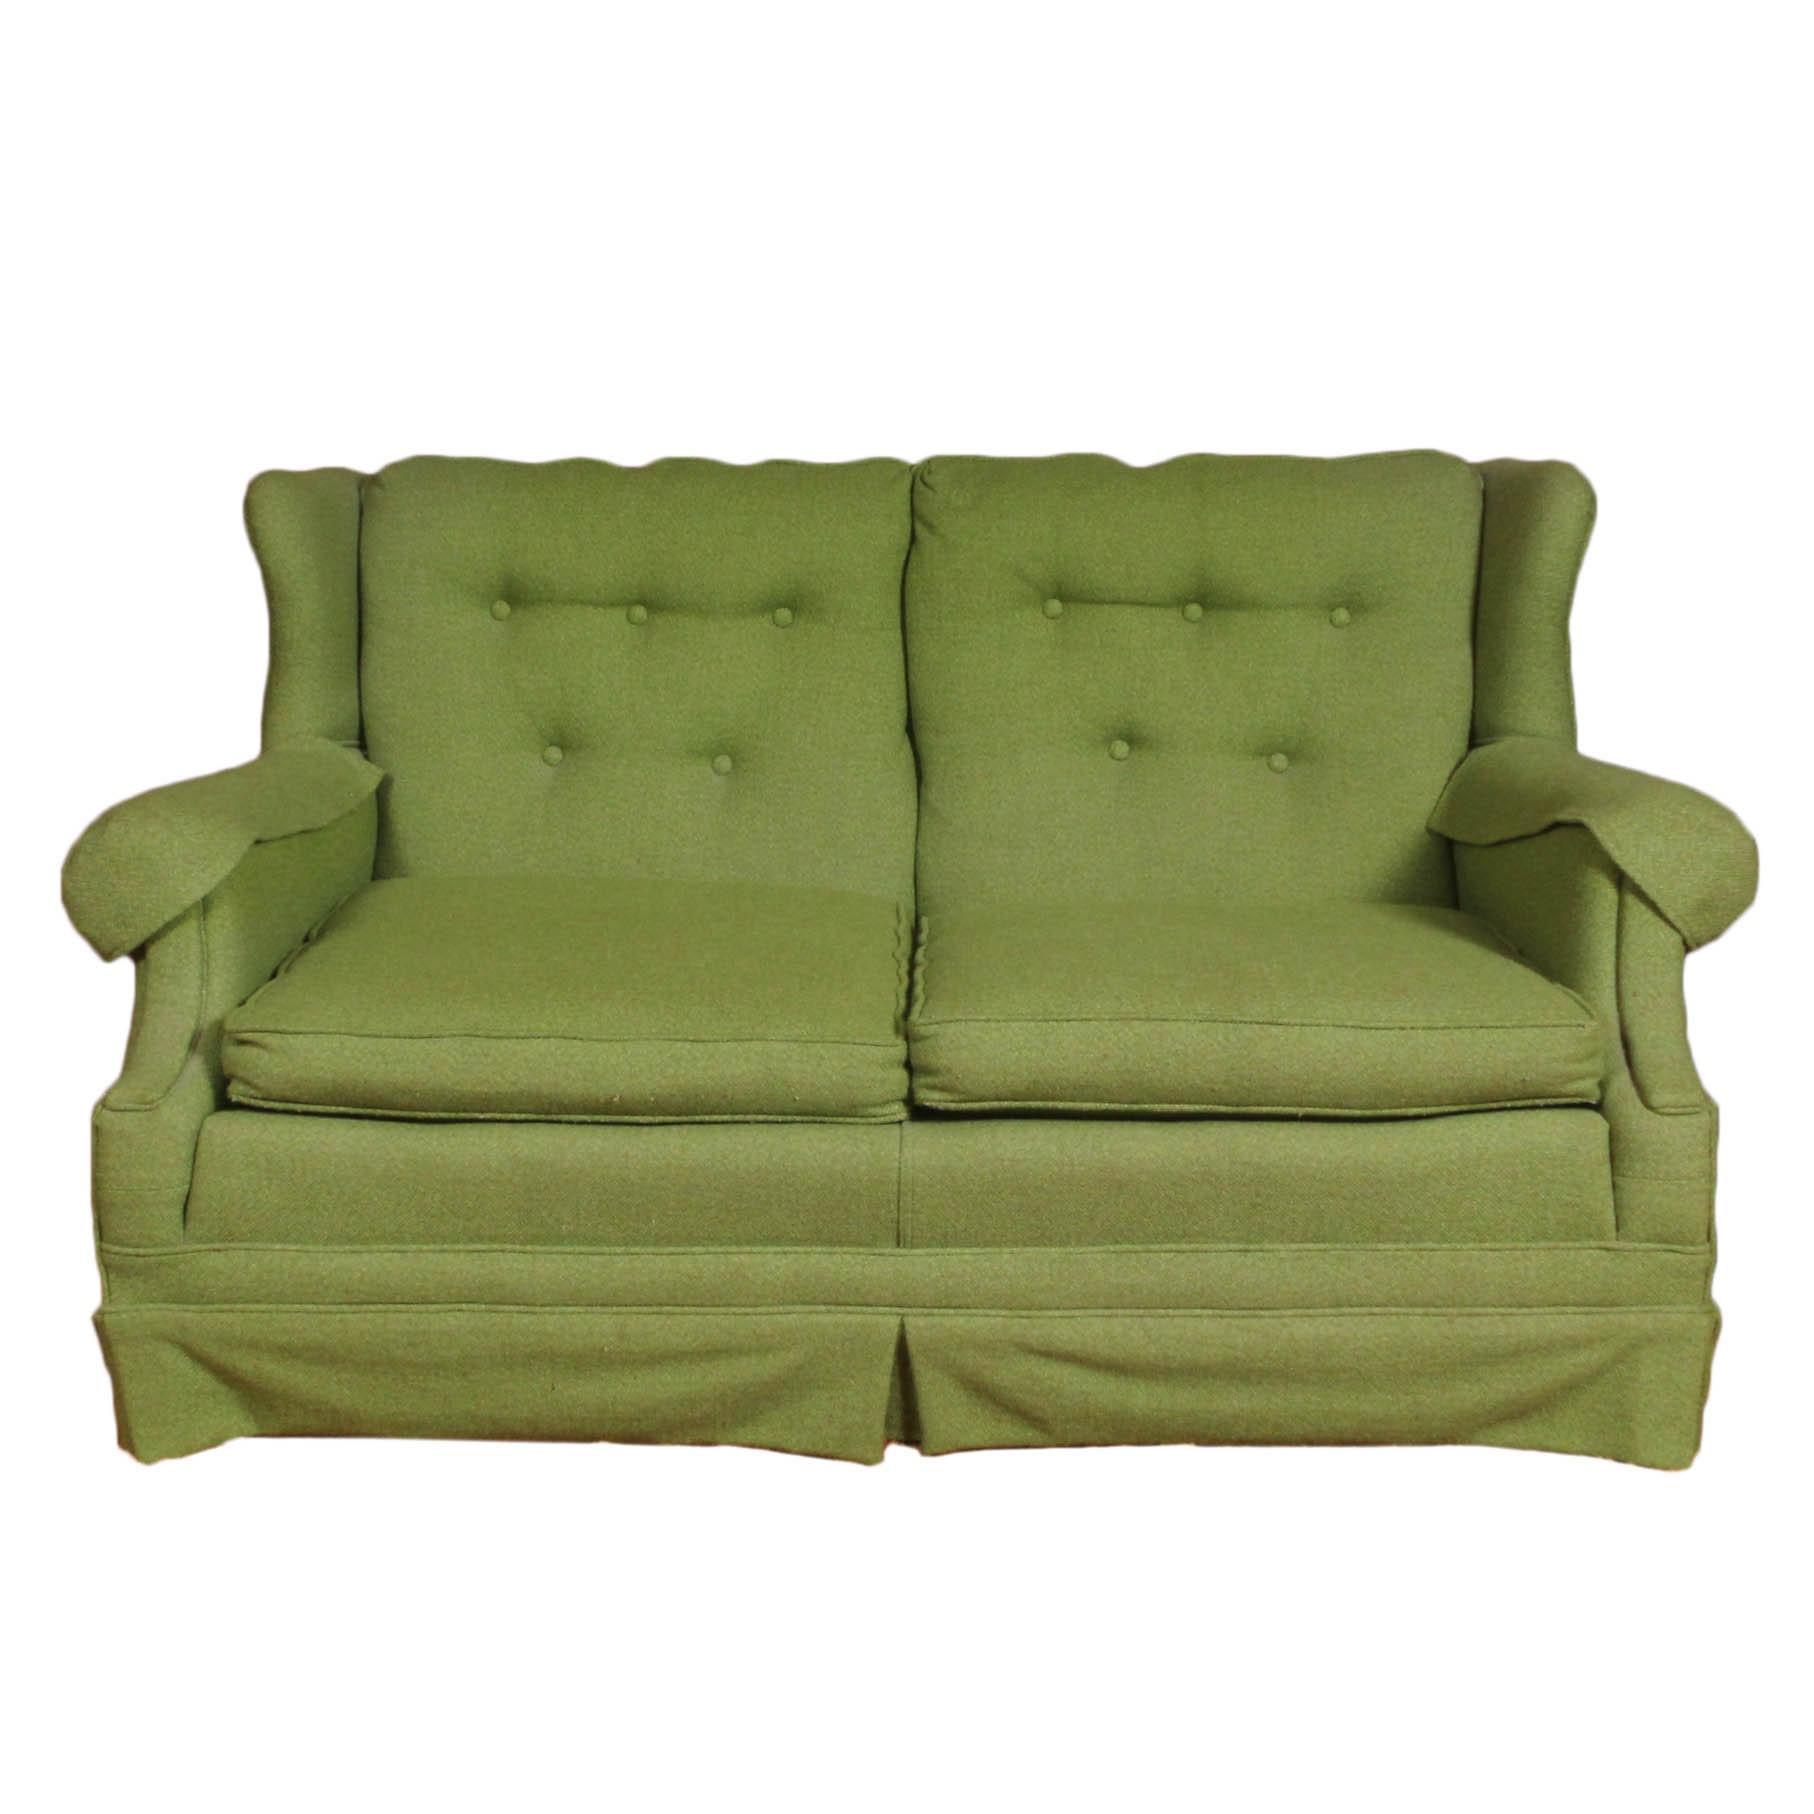 Vintage Tweed Upholstered Loveseat